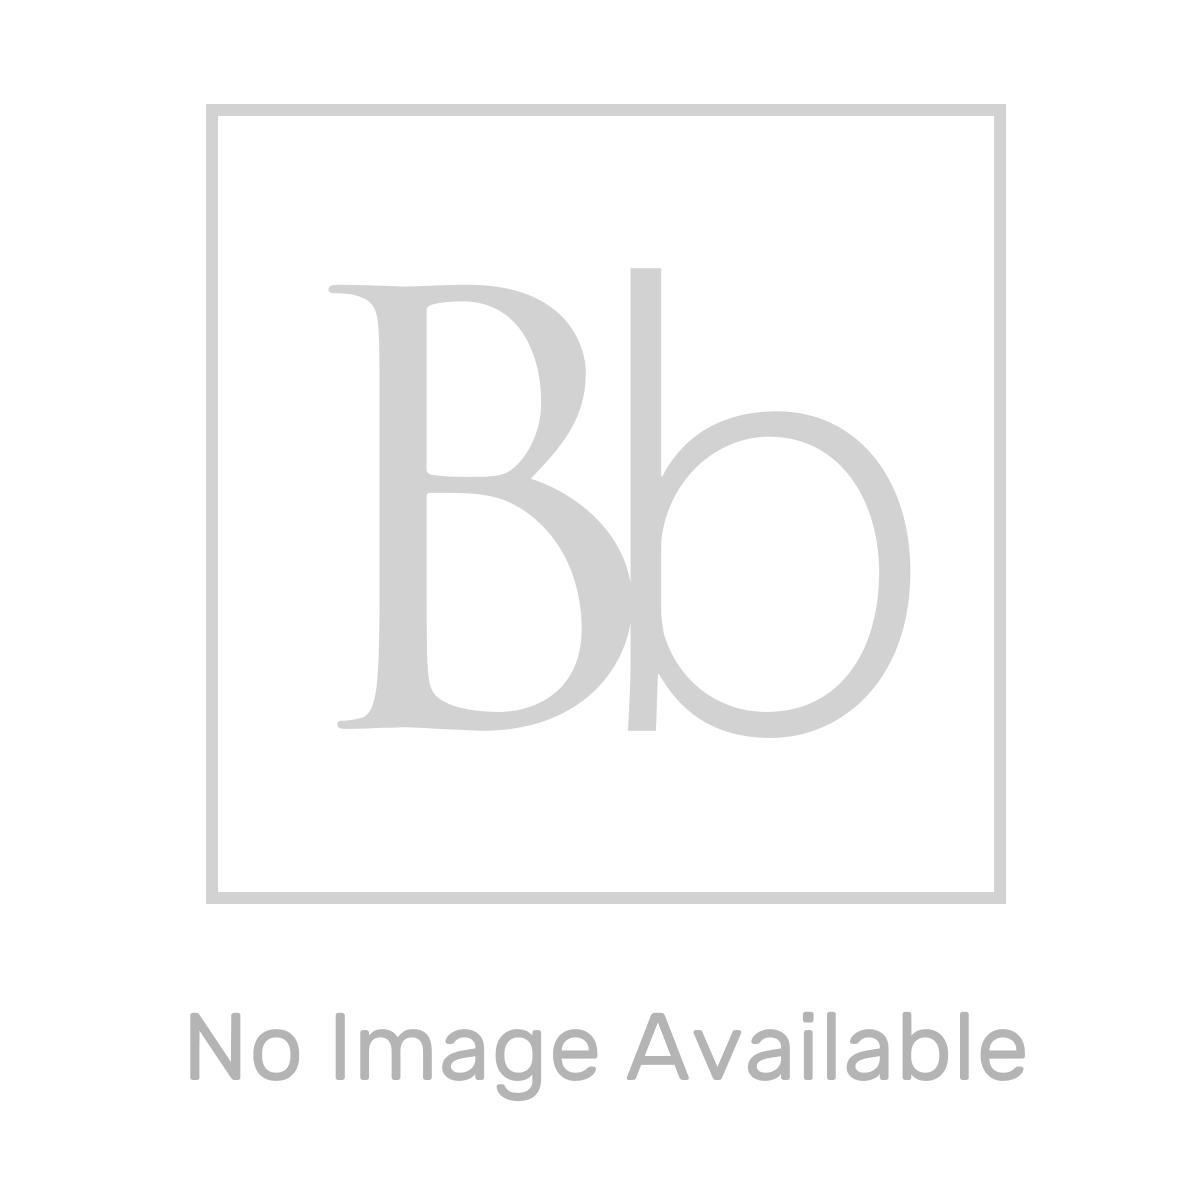 RAK Kitchen Sink Round Side Lever Mixer Tap Measurements